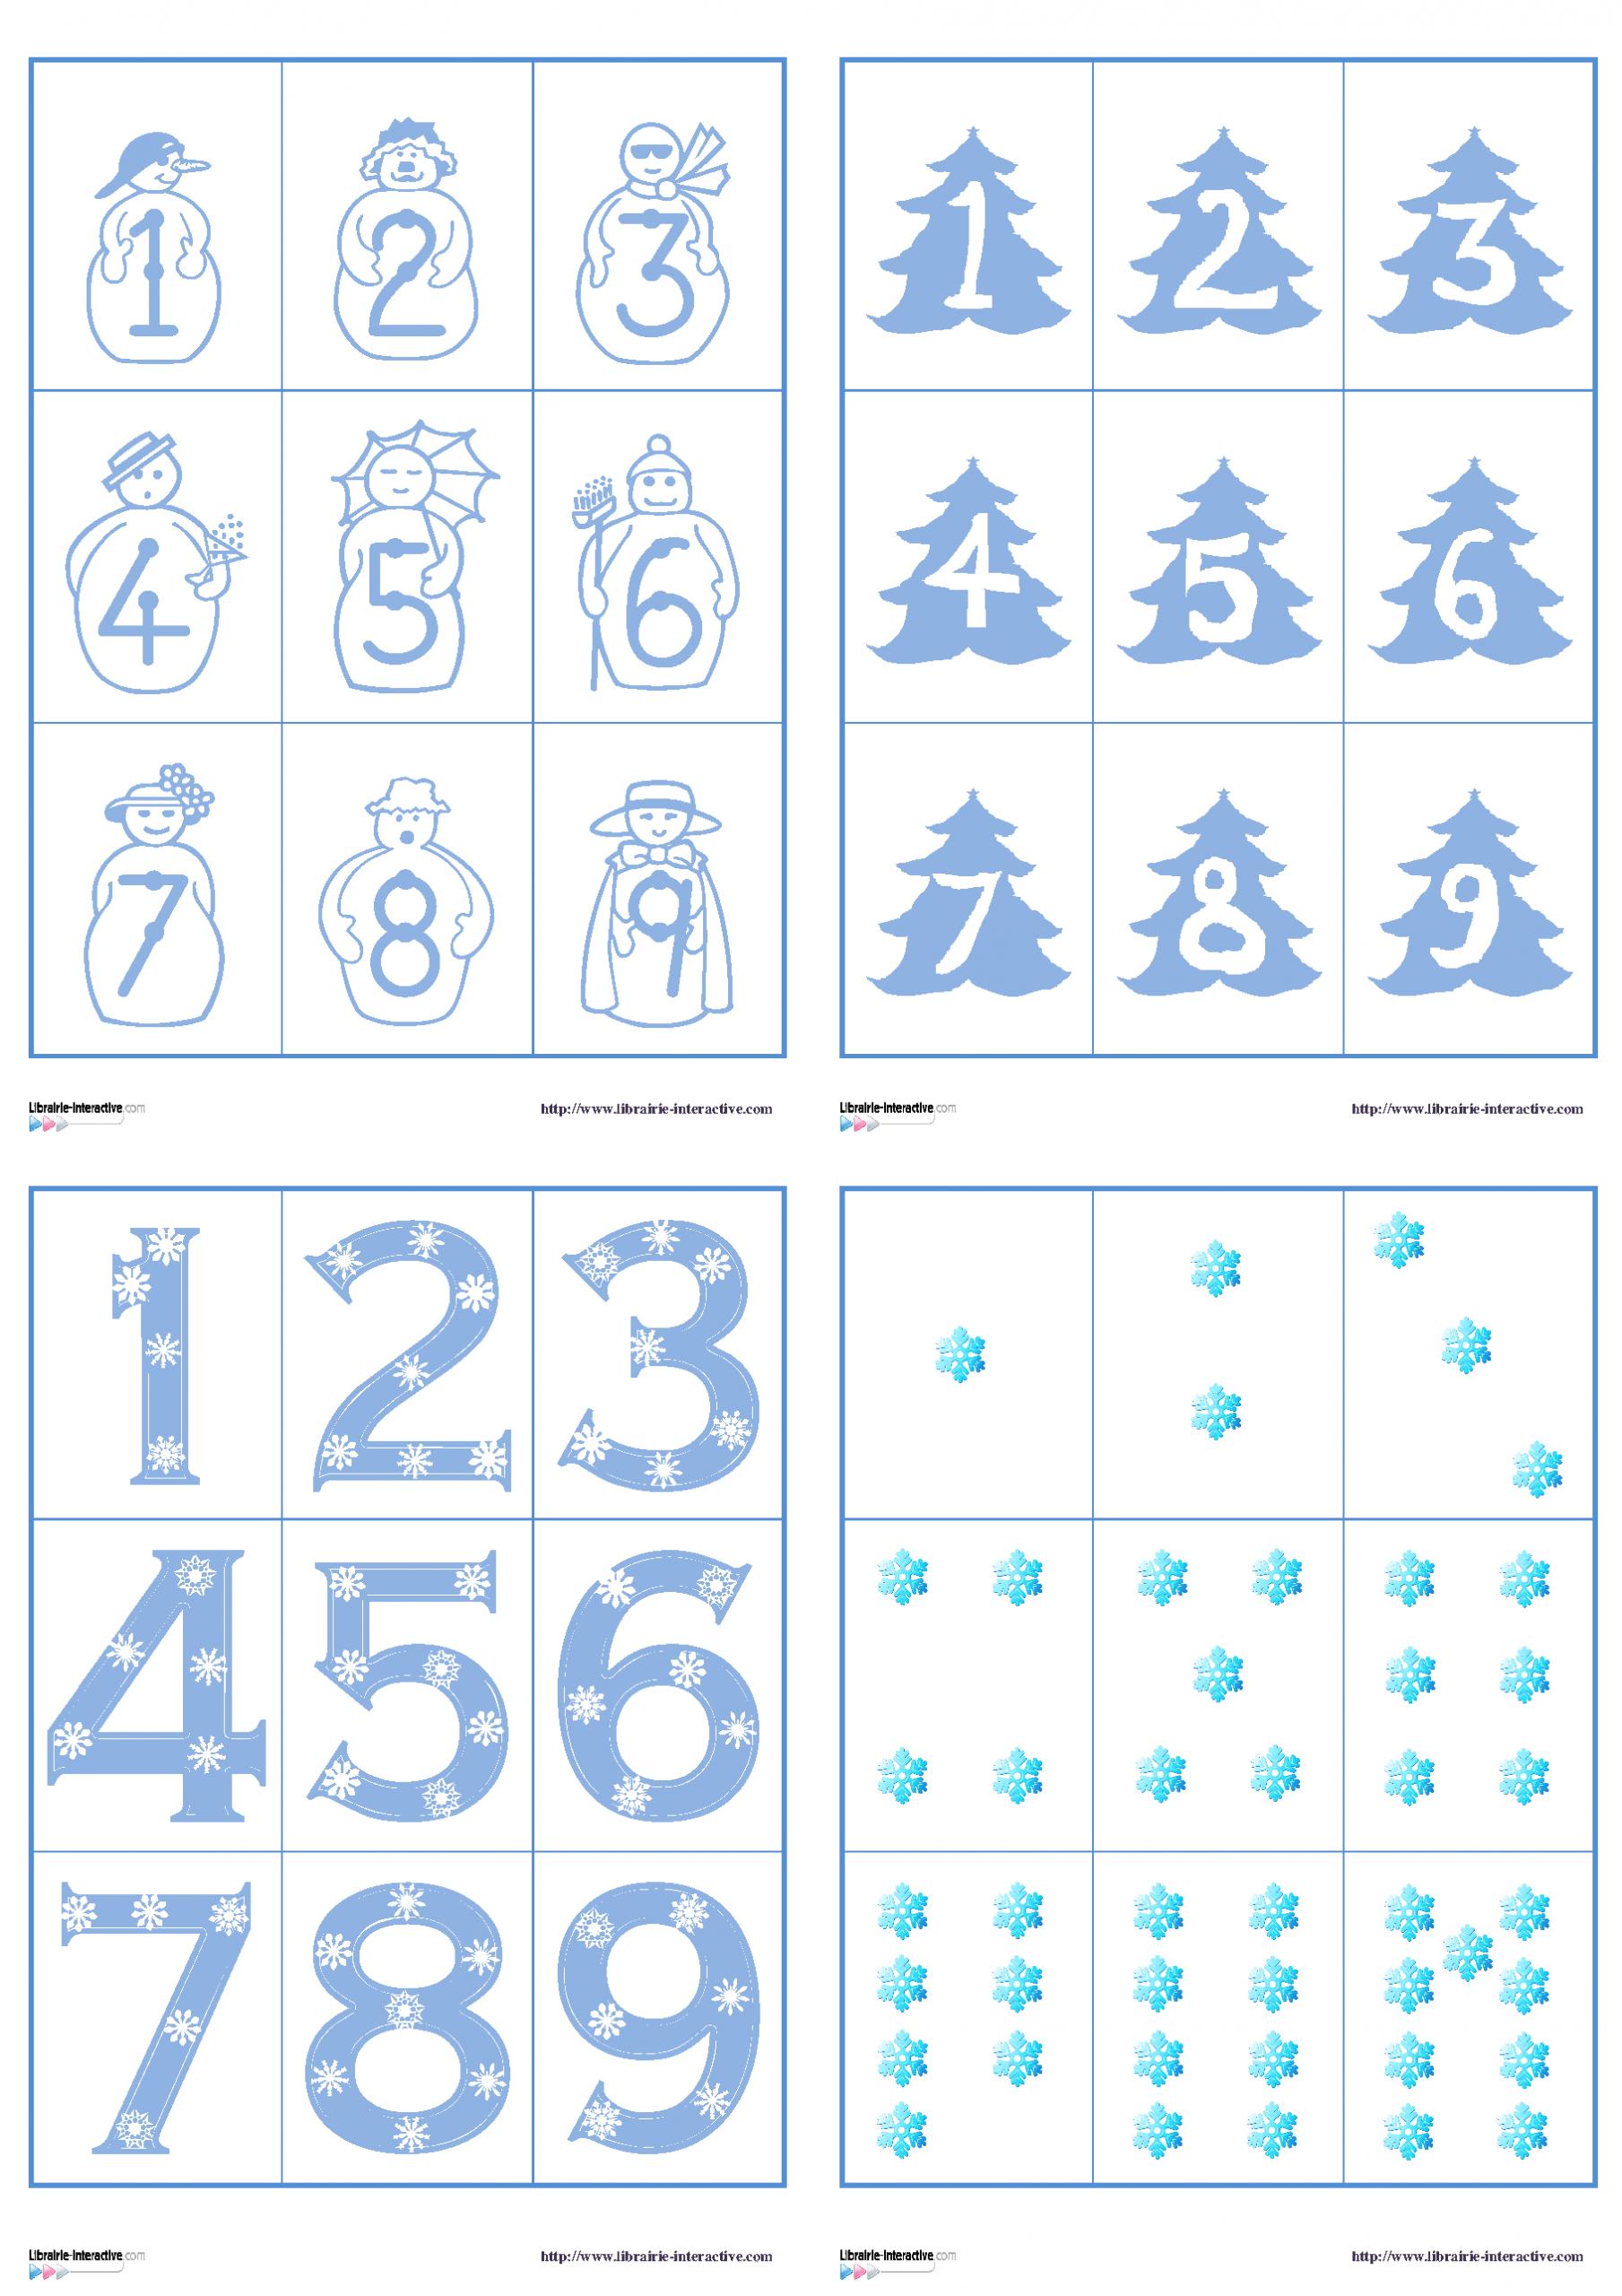 Plusieurs Jeux De Cartes Sur Le Thème De L'hiver Pour Jouer concernant Jeux Avec Des Chiffres